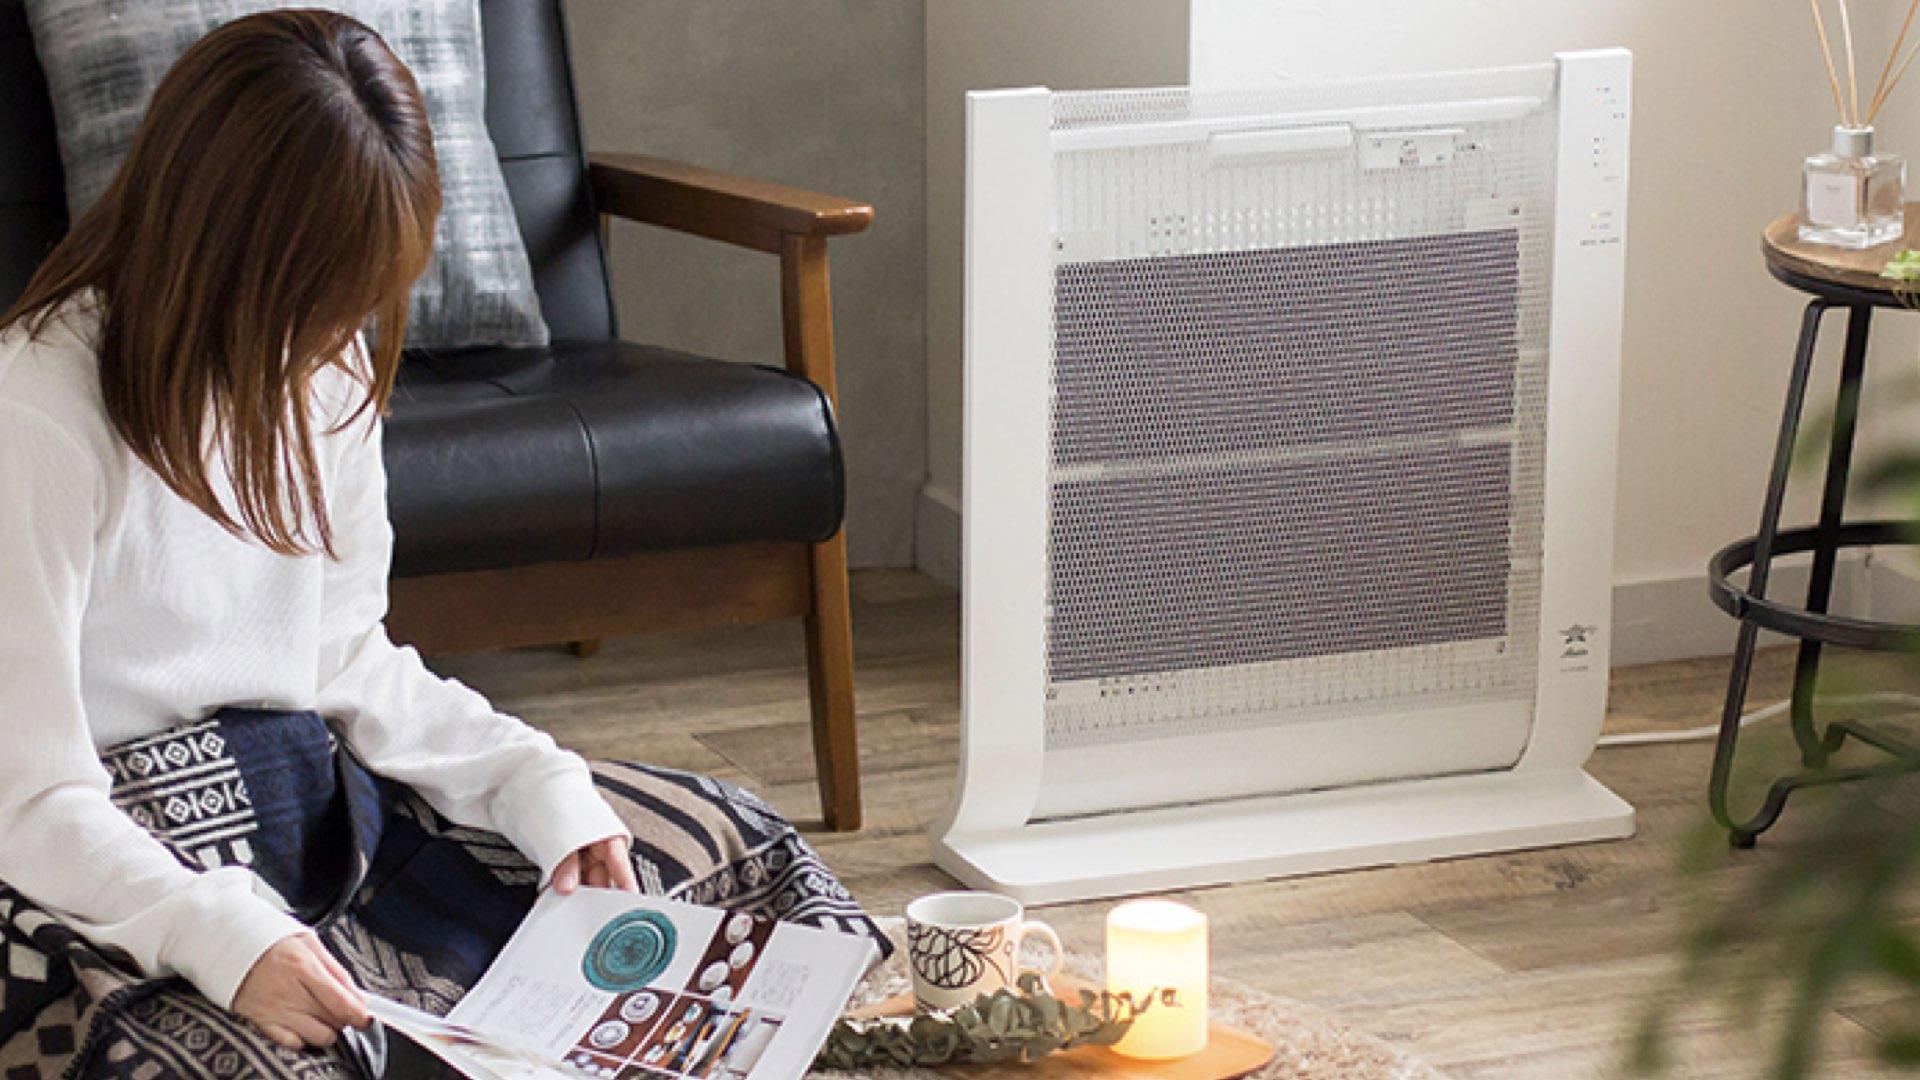 部屋全体がじんわり暖かいオイル、パネルヒーターを比較して導入した話